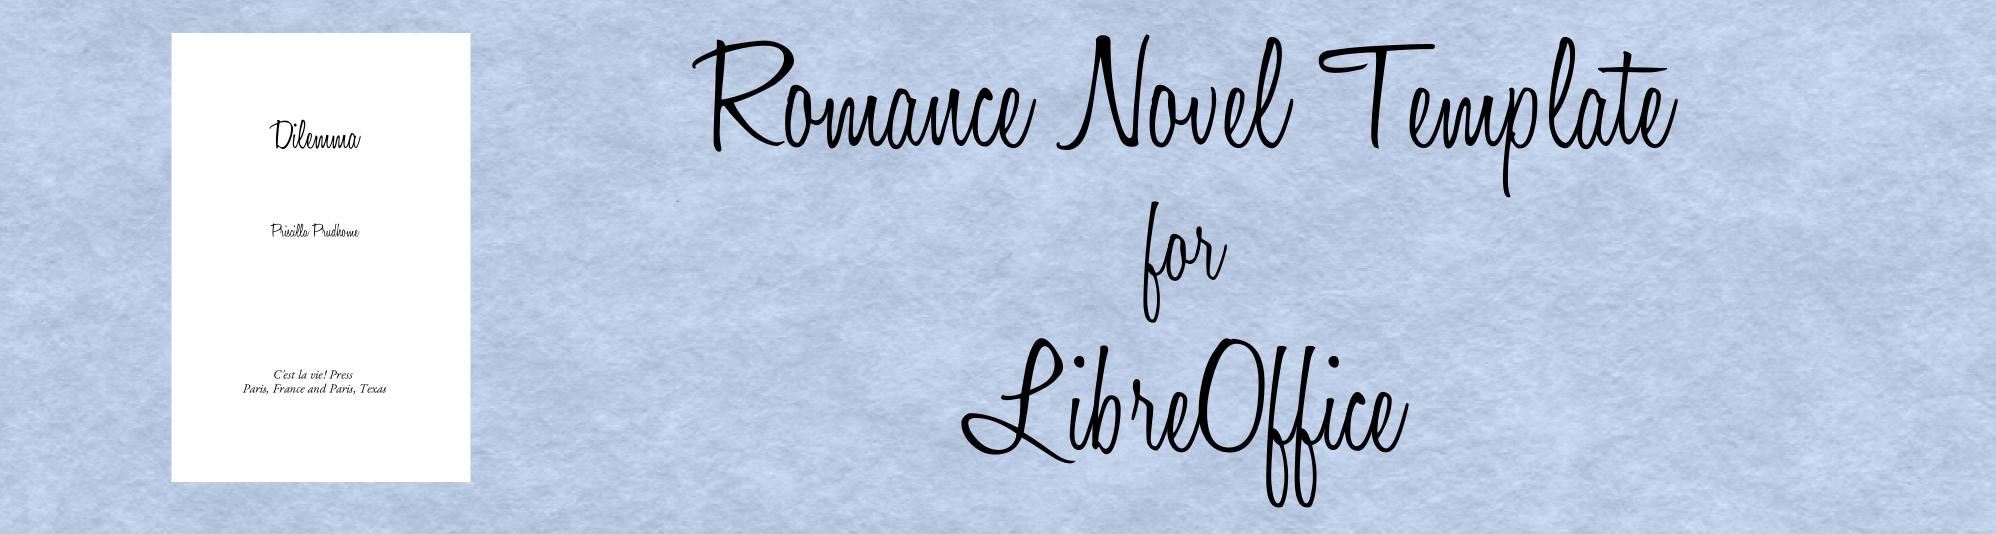 romance novel template for libreoffice john osterhout